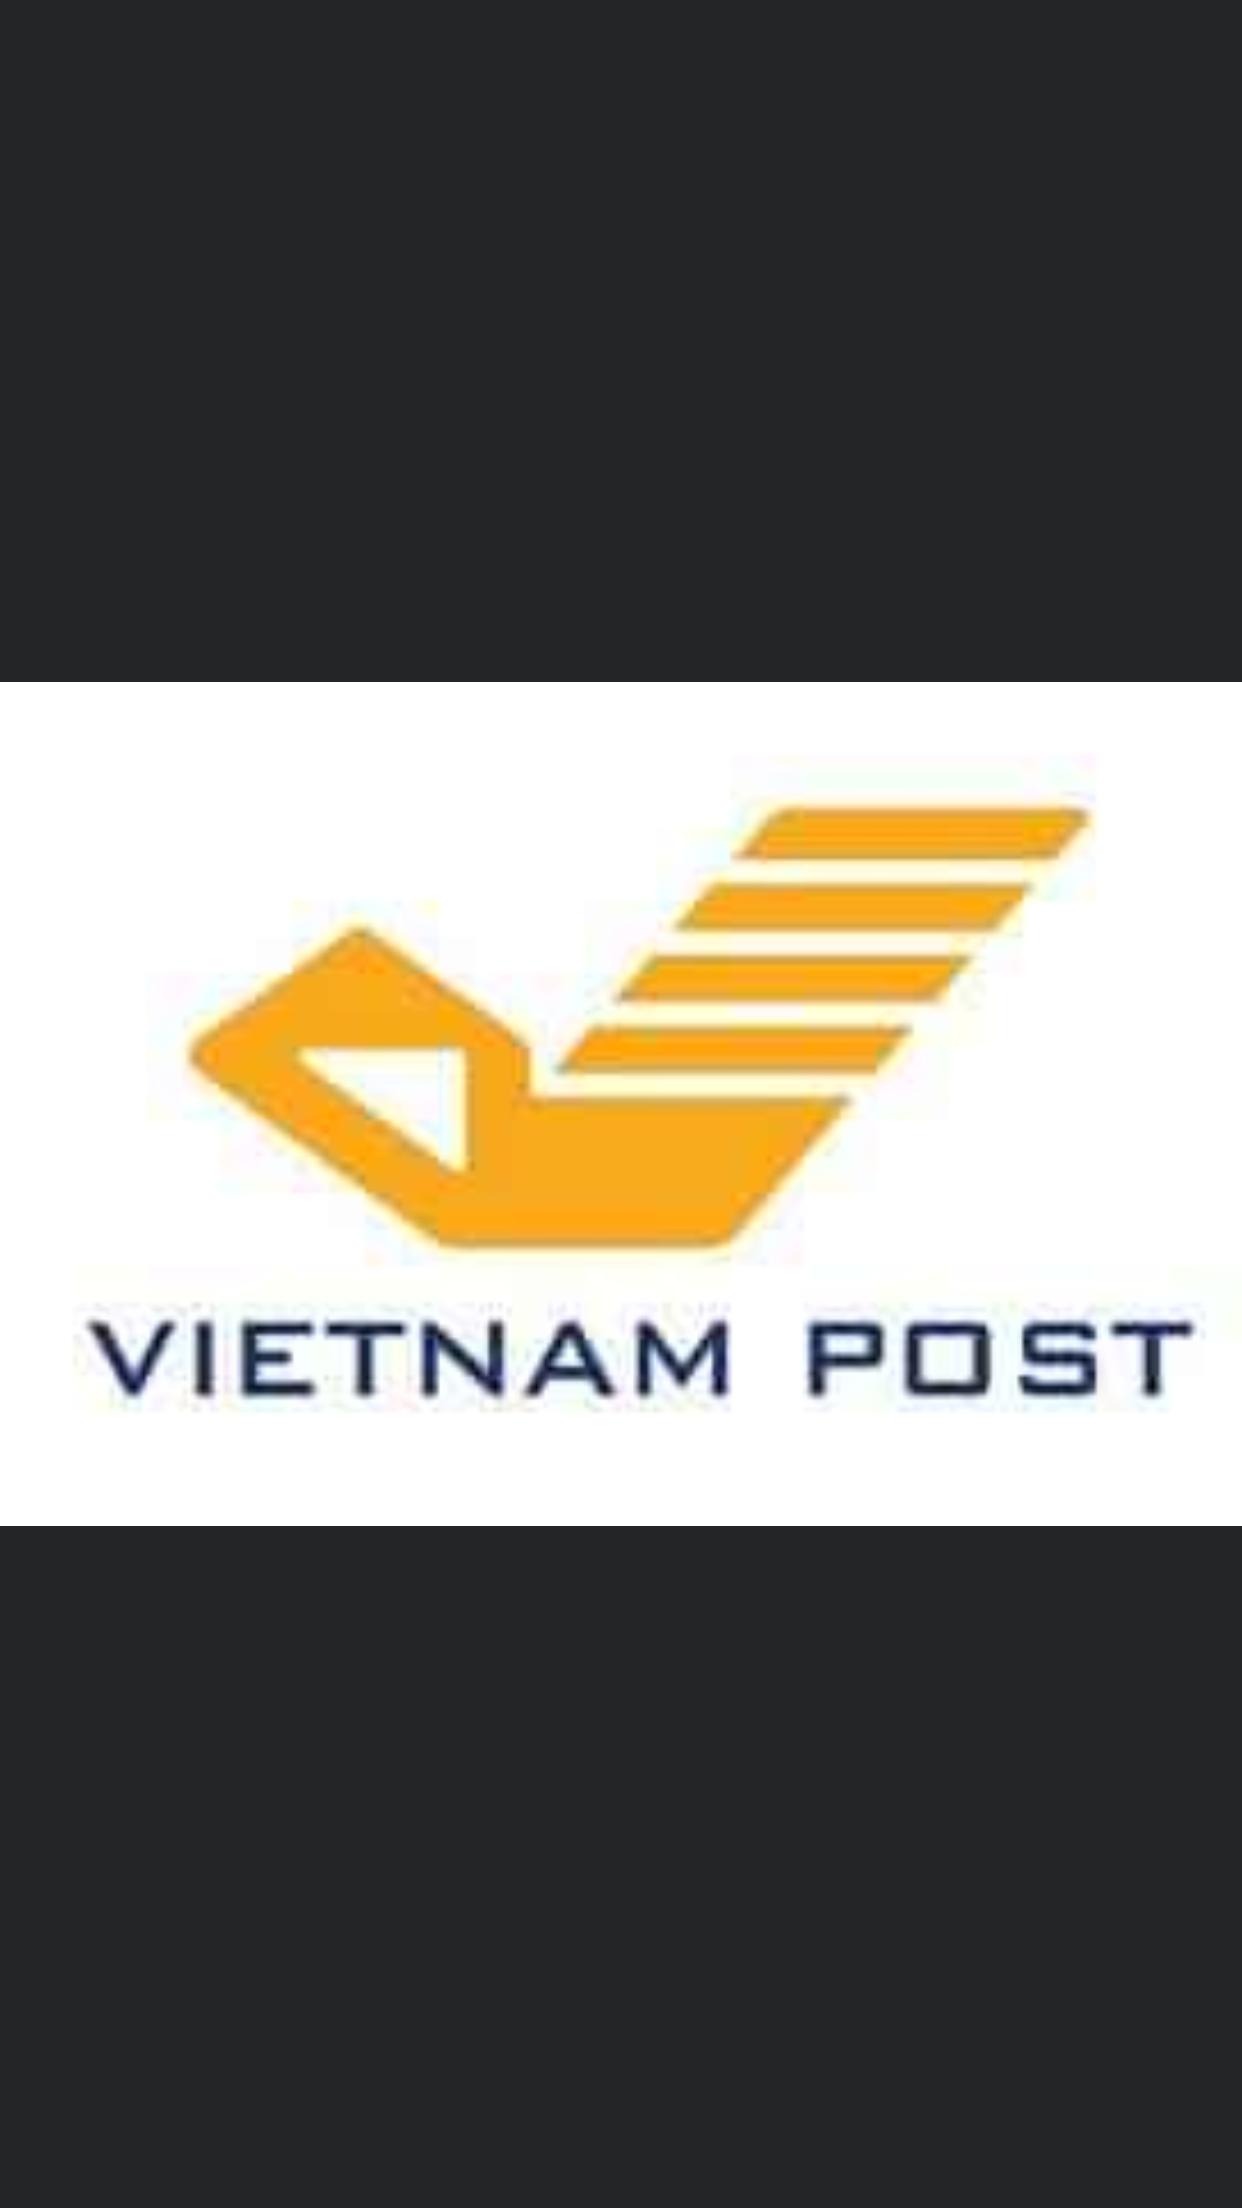 Bưu điện hớn quản tuyển nhân viên kế toán